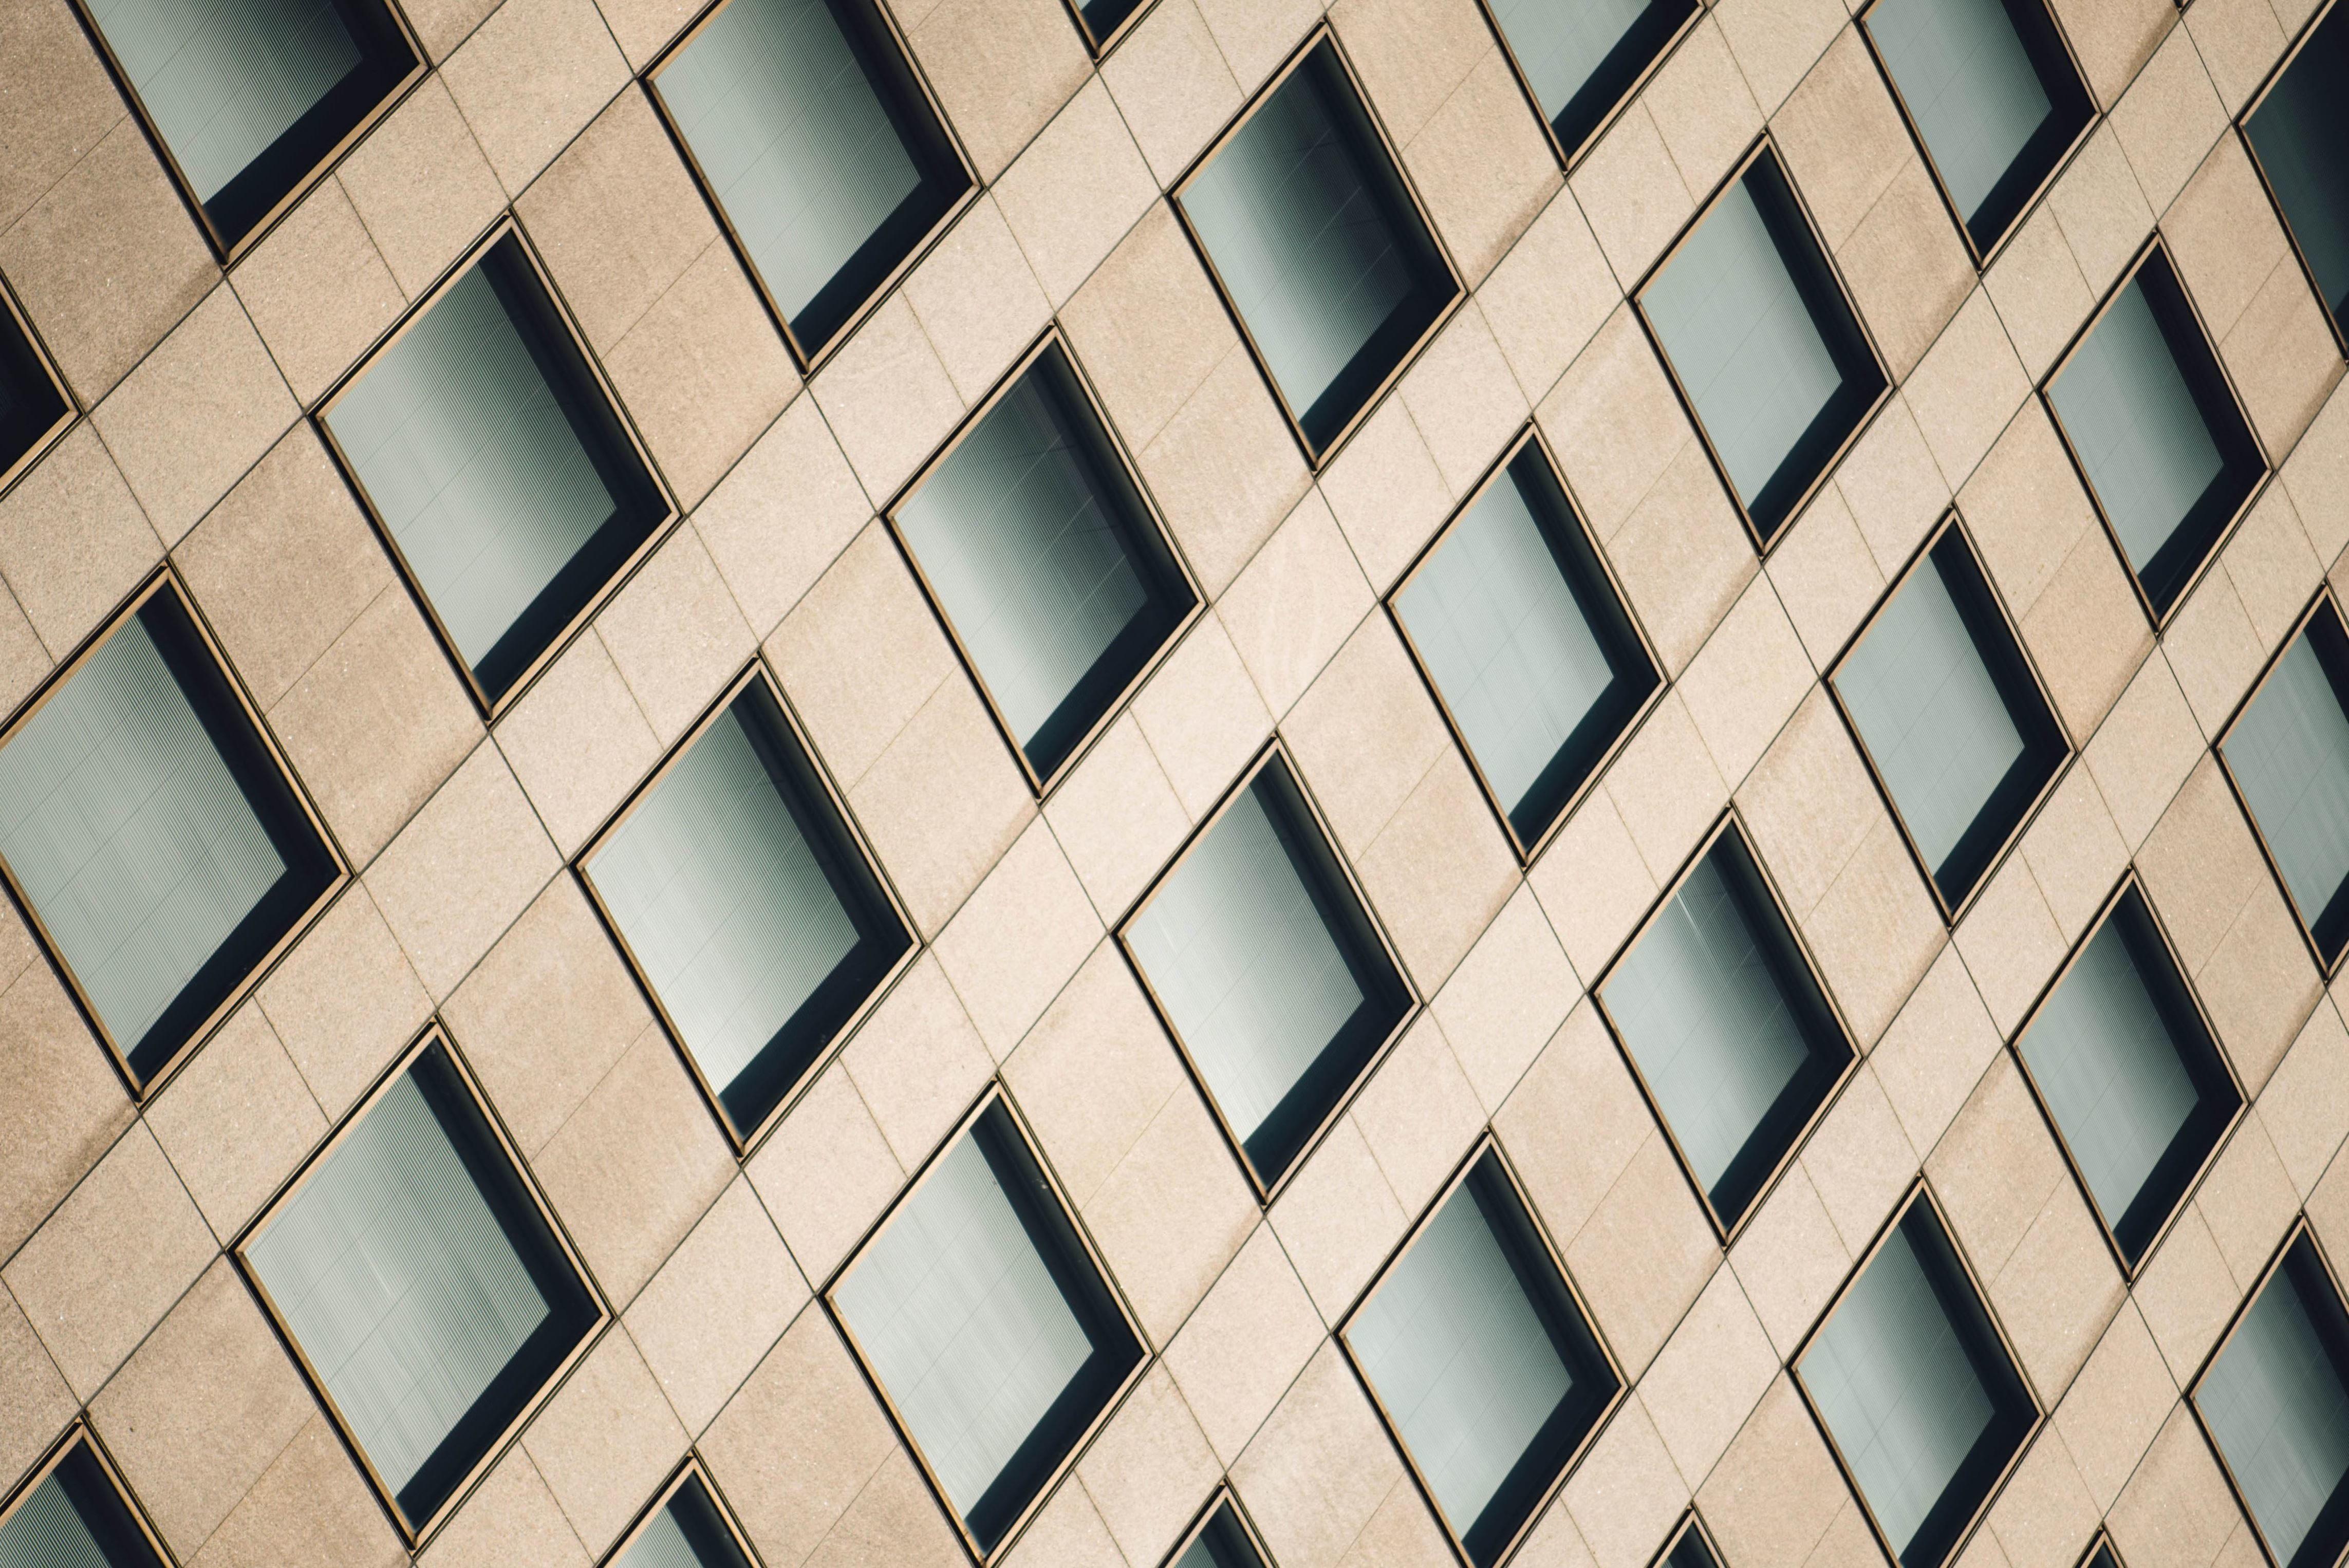 Foto gratis facciata futuristico geometrica for Design architettonico gratuito